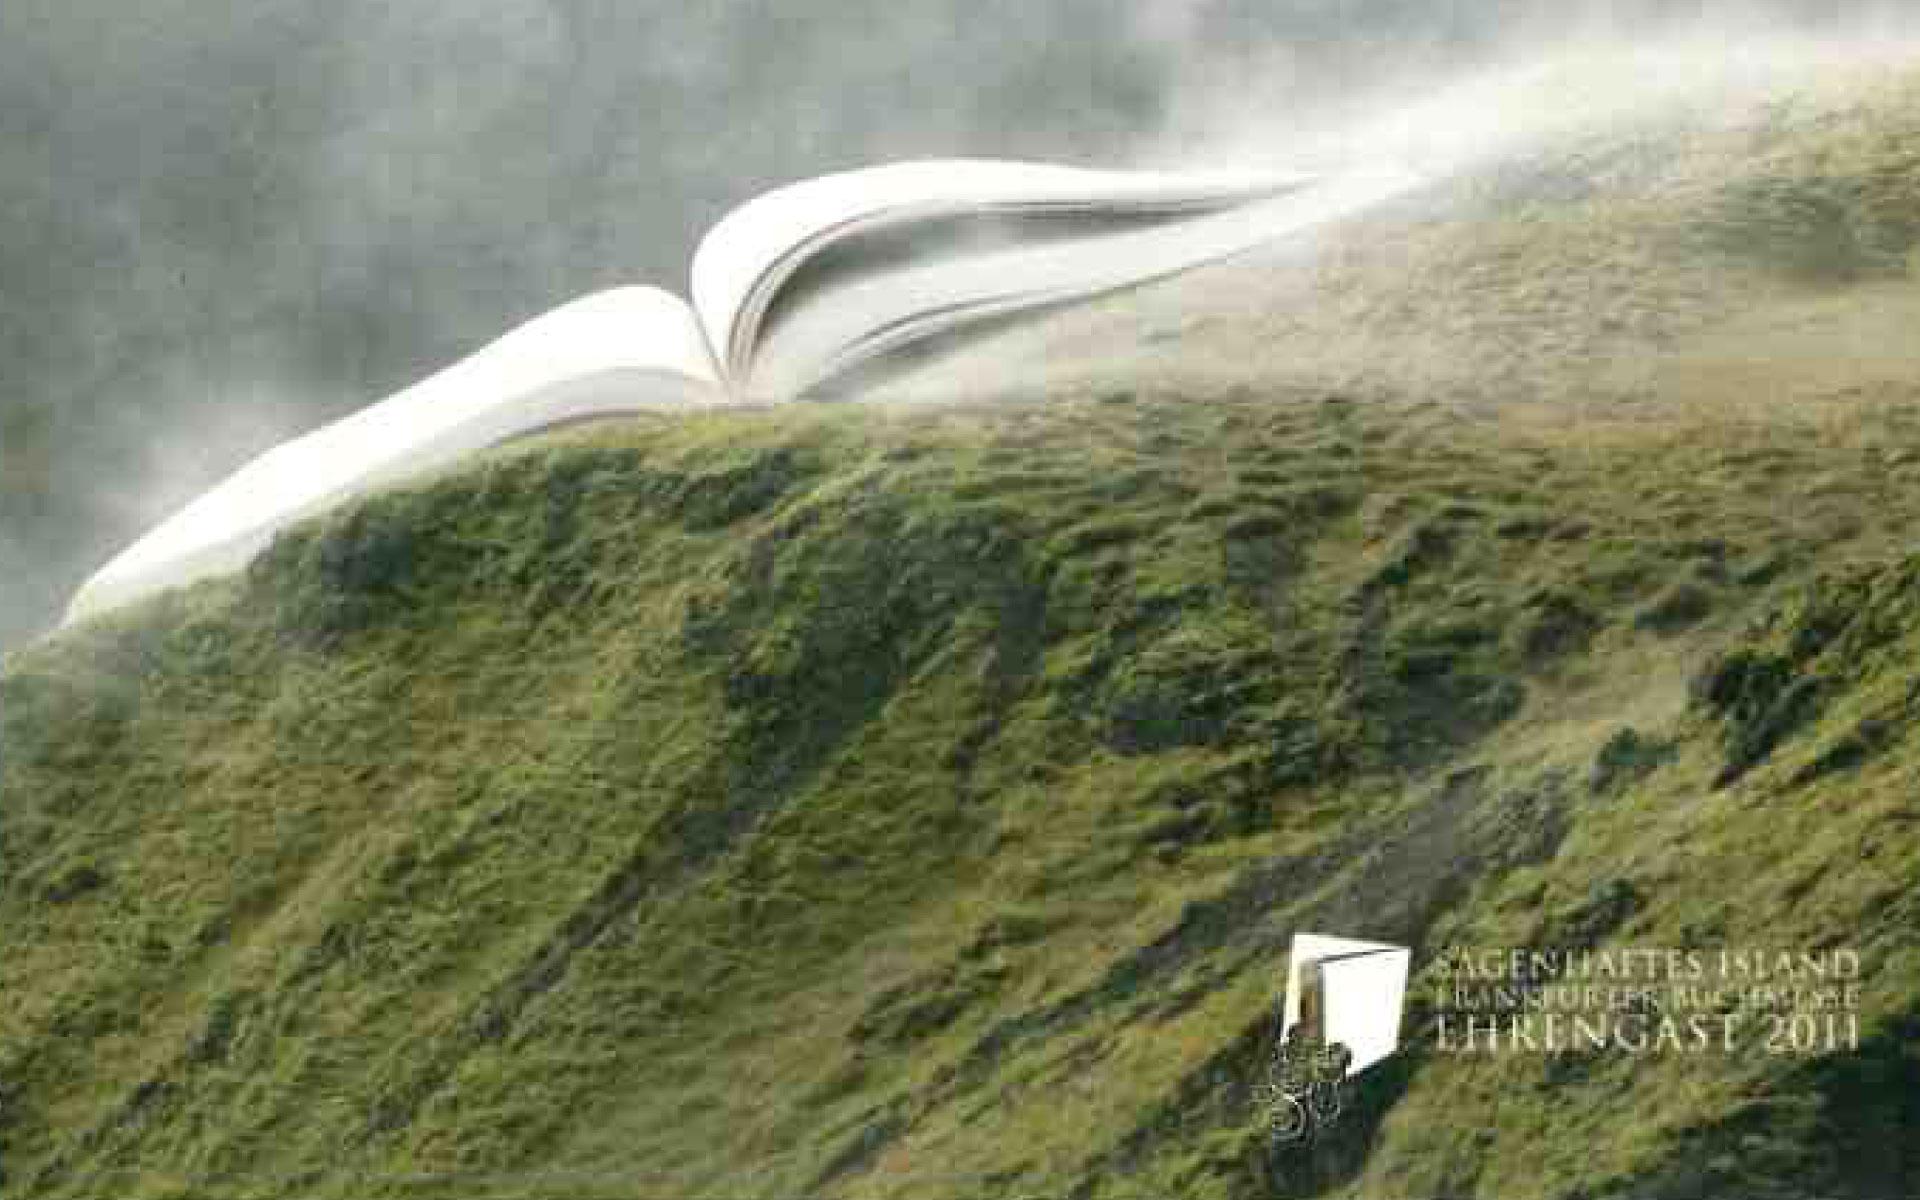 Literaturhaus bringt Poesie in die Stadt: Island